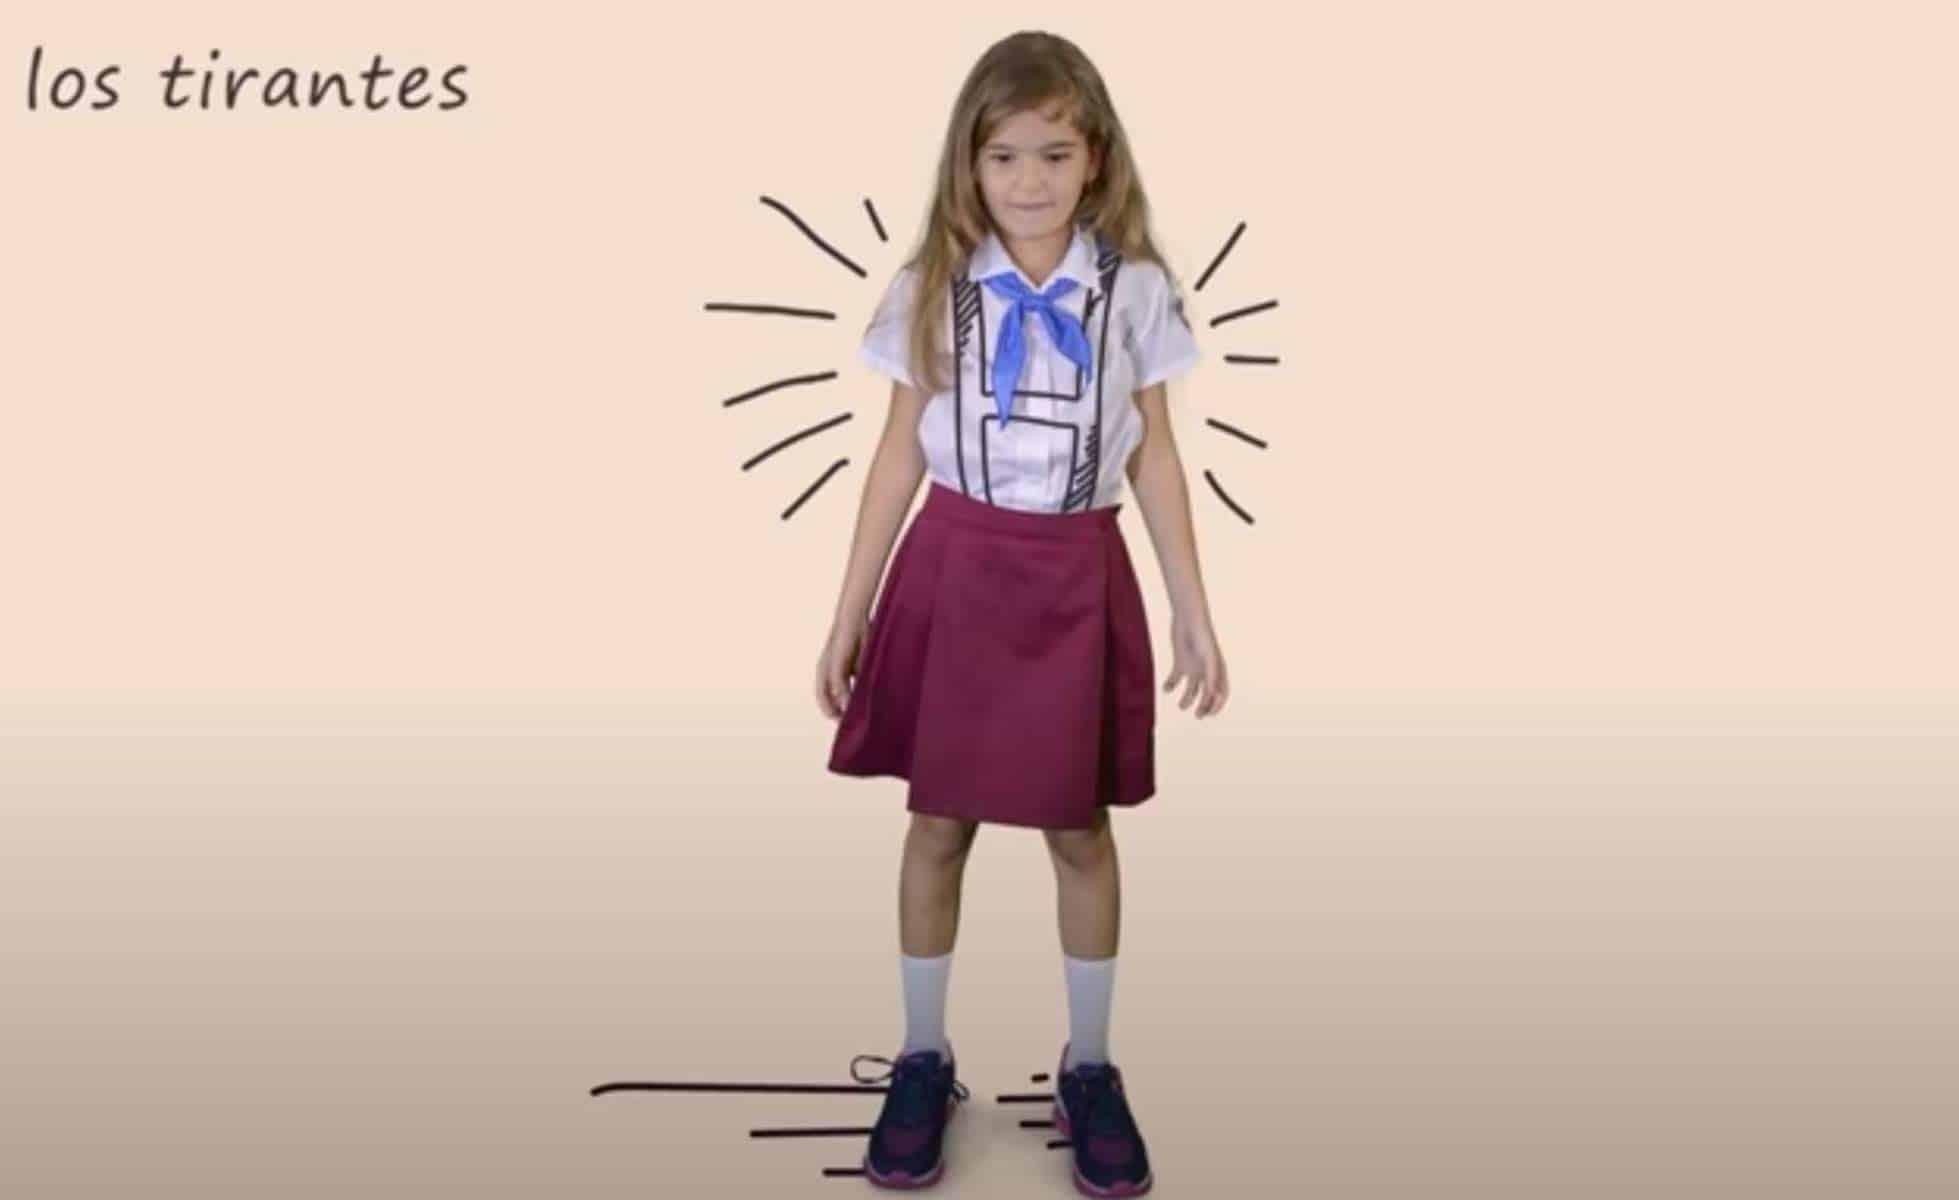 nuevo uniforme escolar en cuba